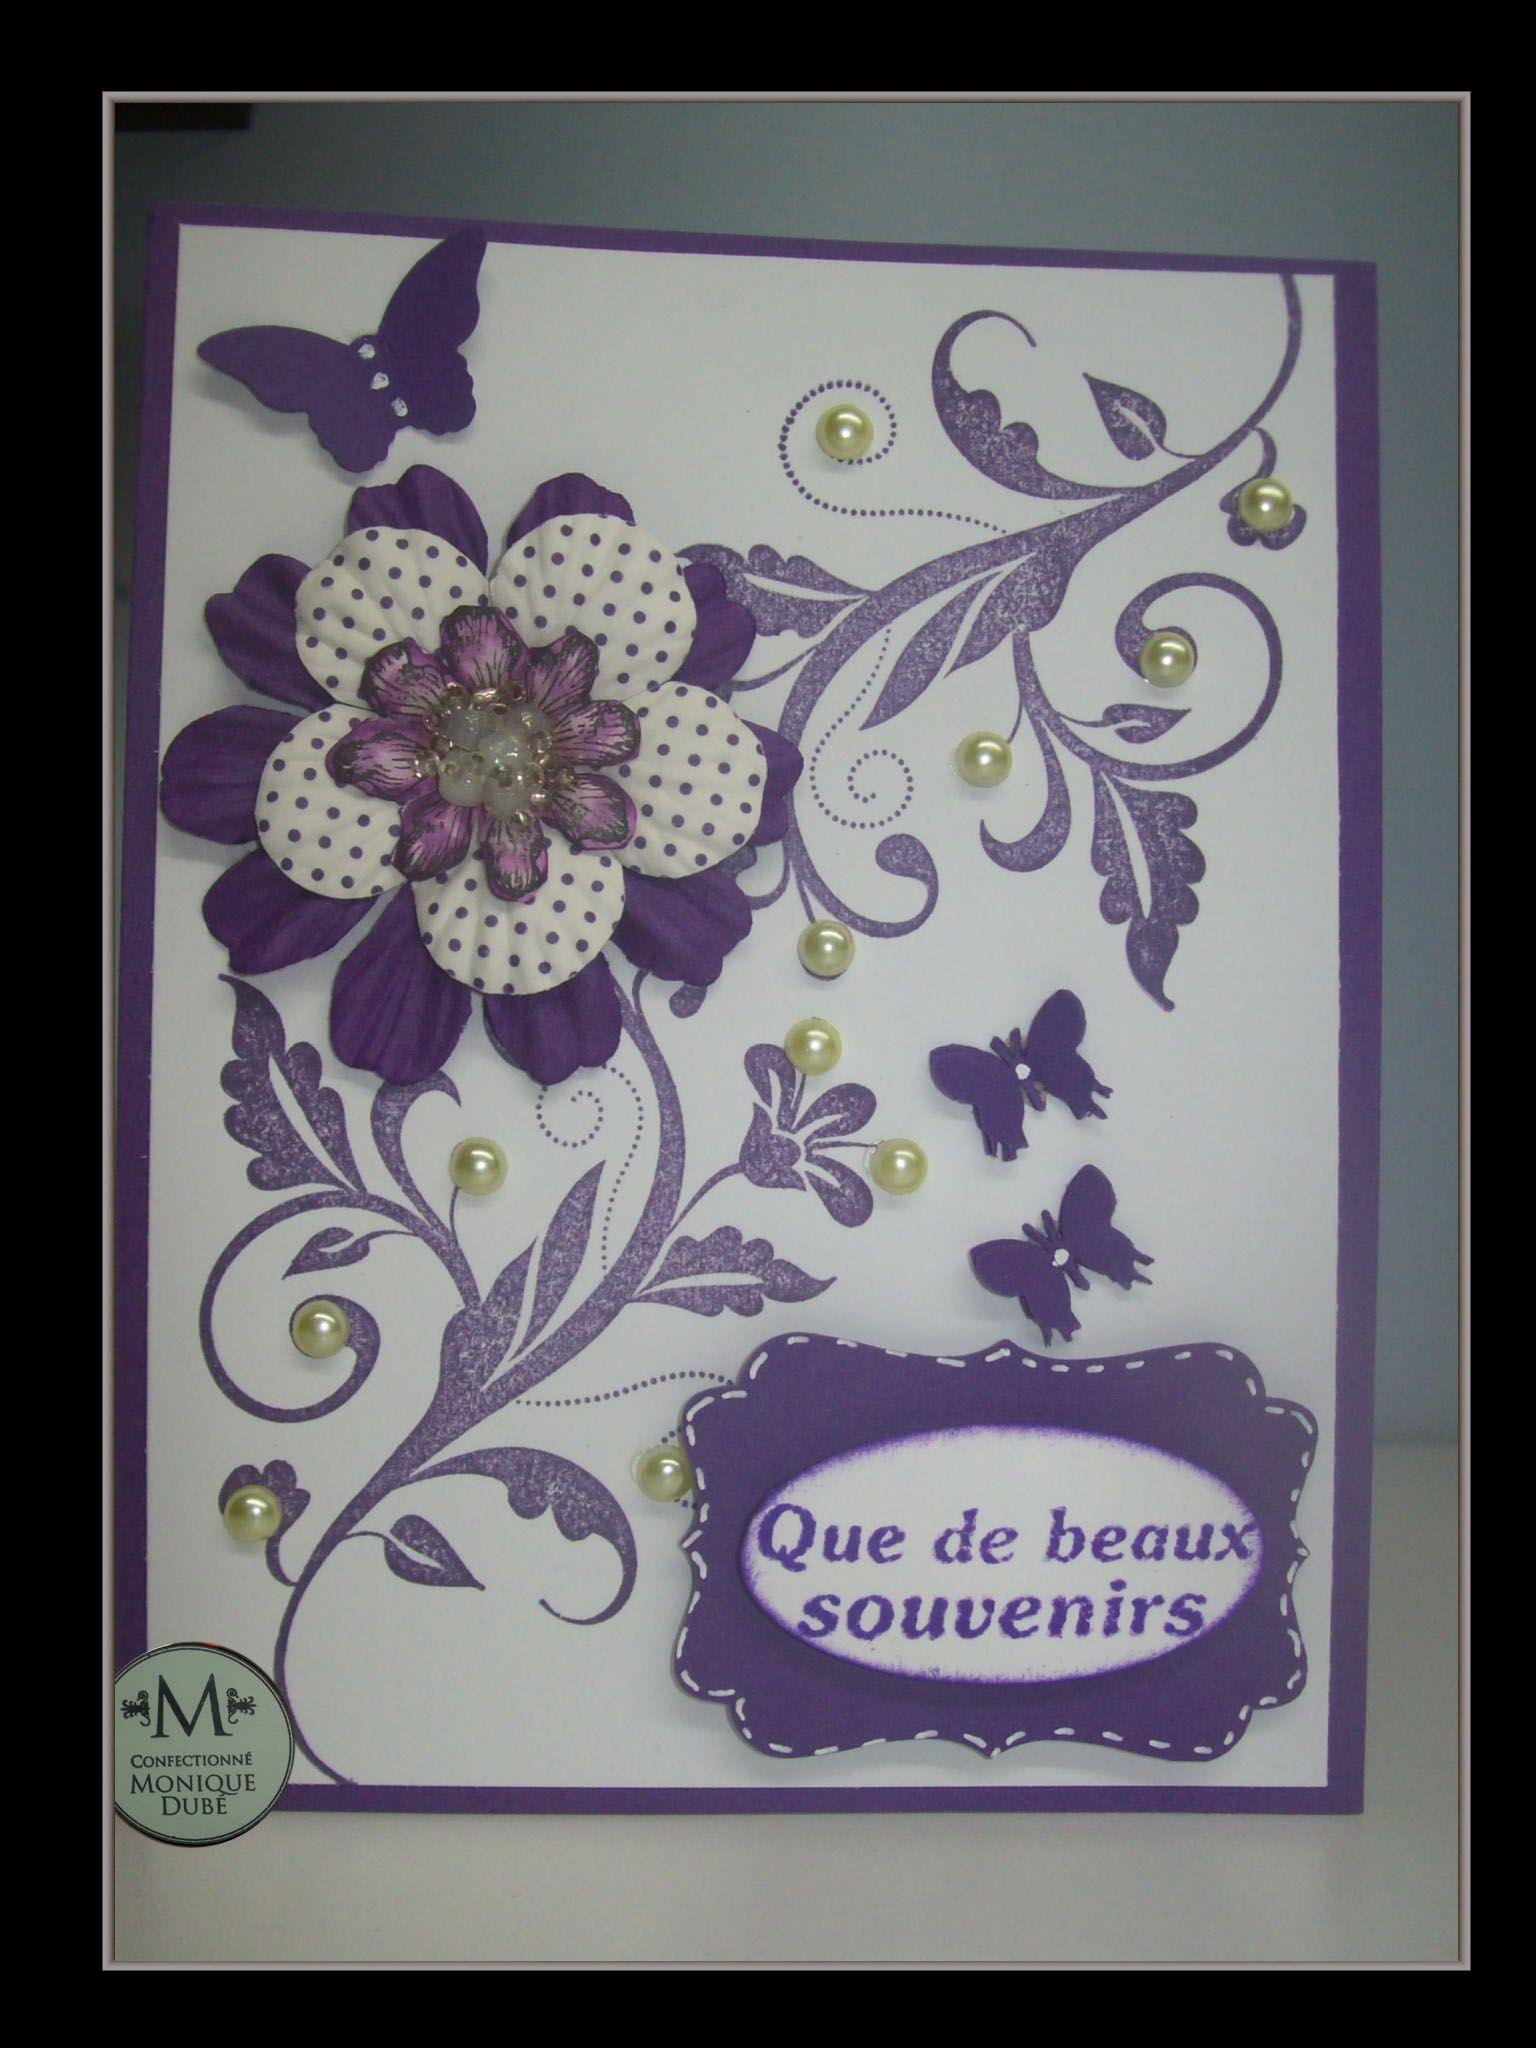 QUE DE BEAUX SOUVENIRS